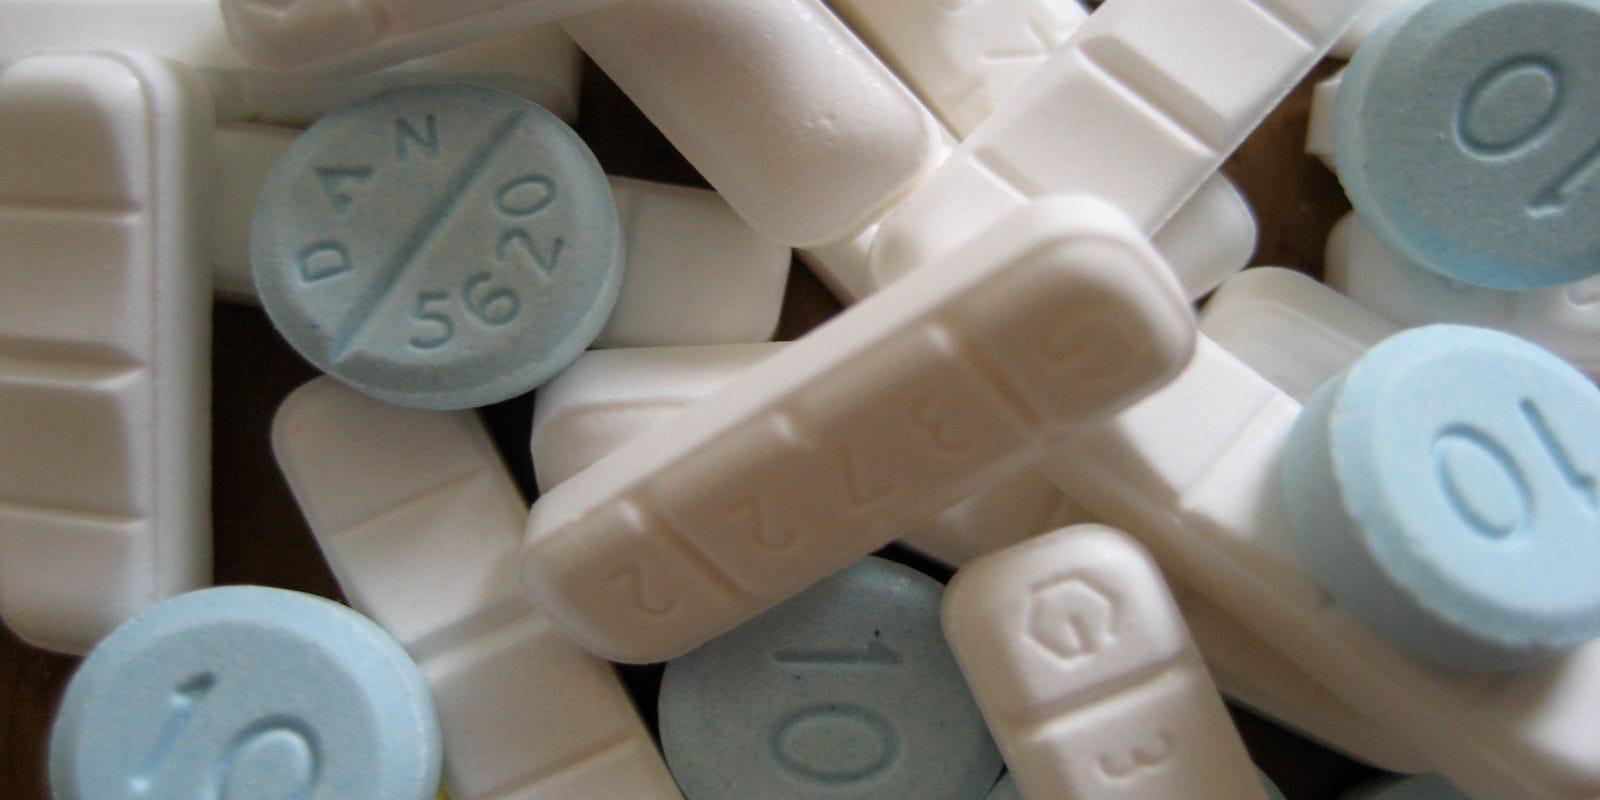 photos of generic xanax pills